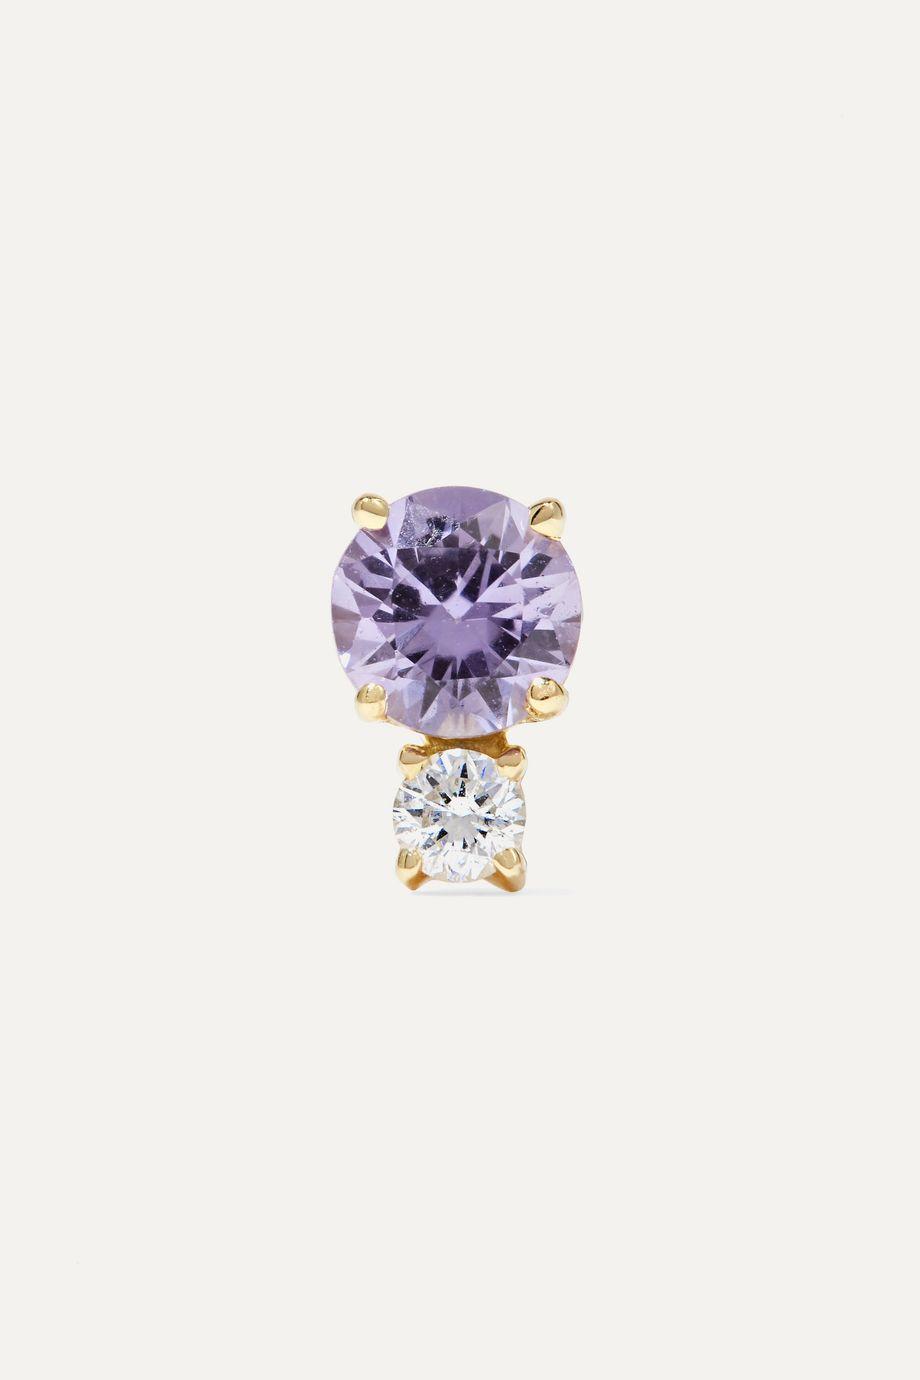 Jemma Wynne Ohrring aus 18 Karat Gold mit Saphir und Diamant